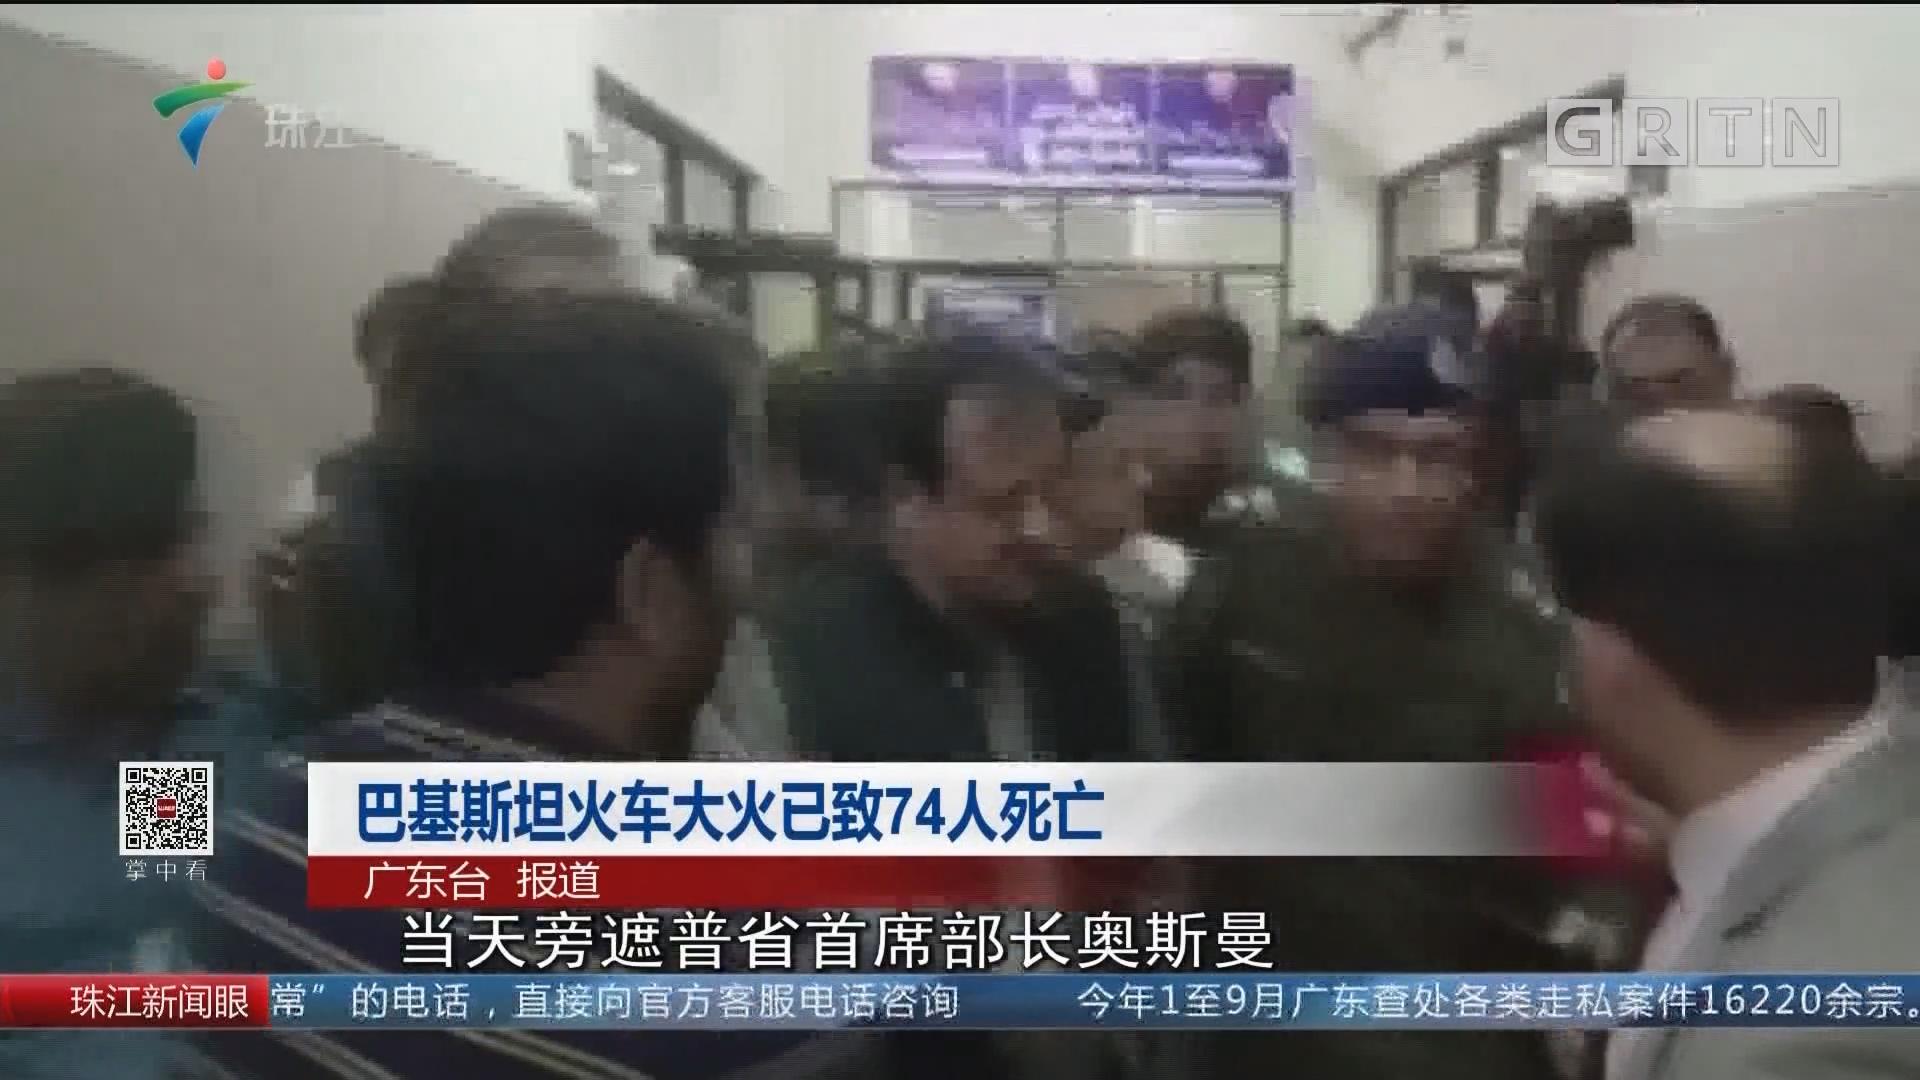 巴基斯坦火车大火已致74人死亡